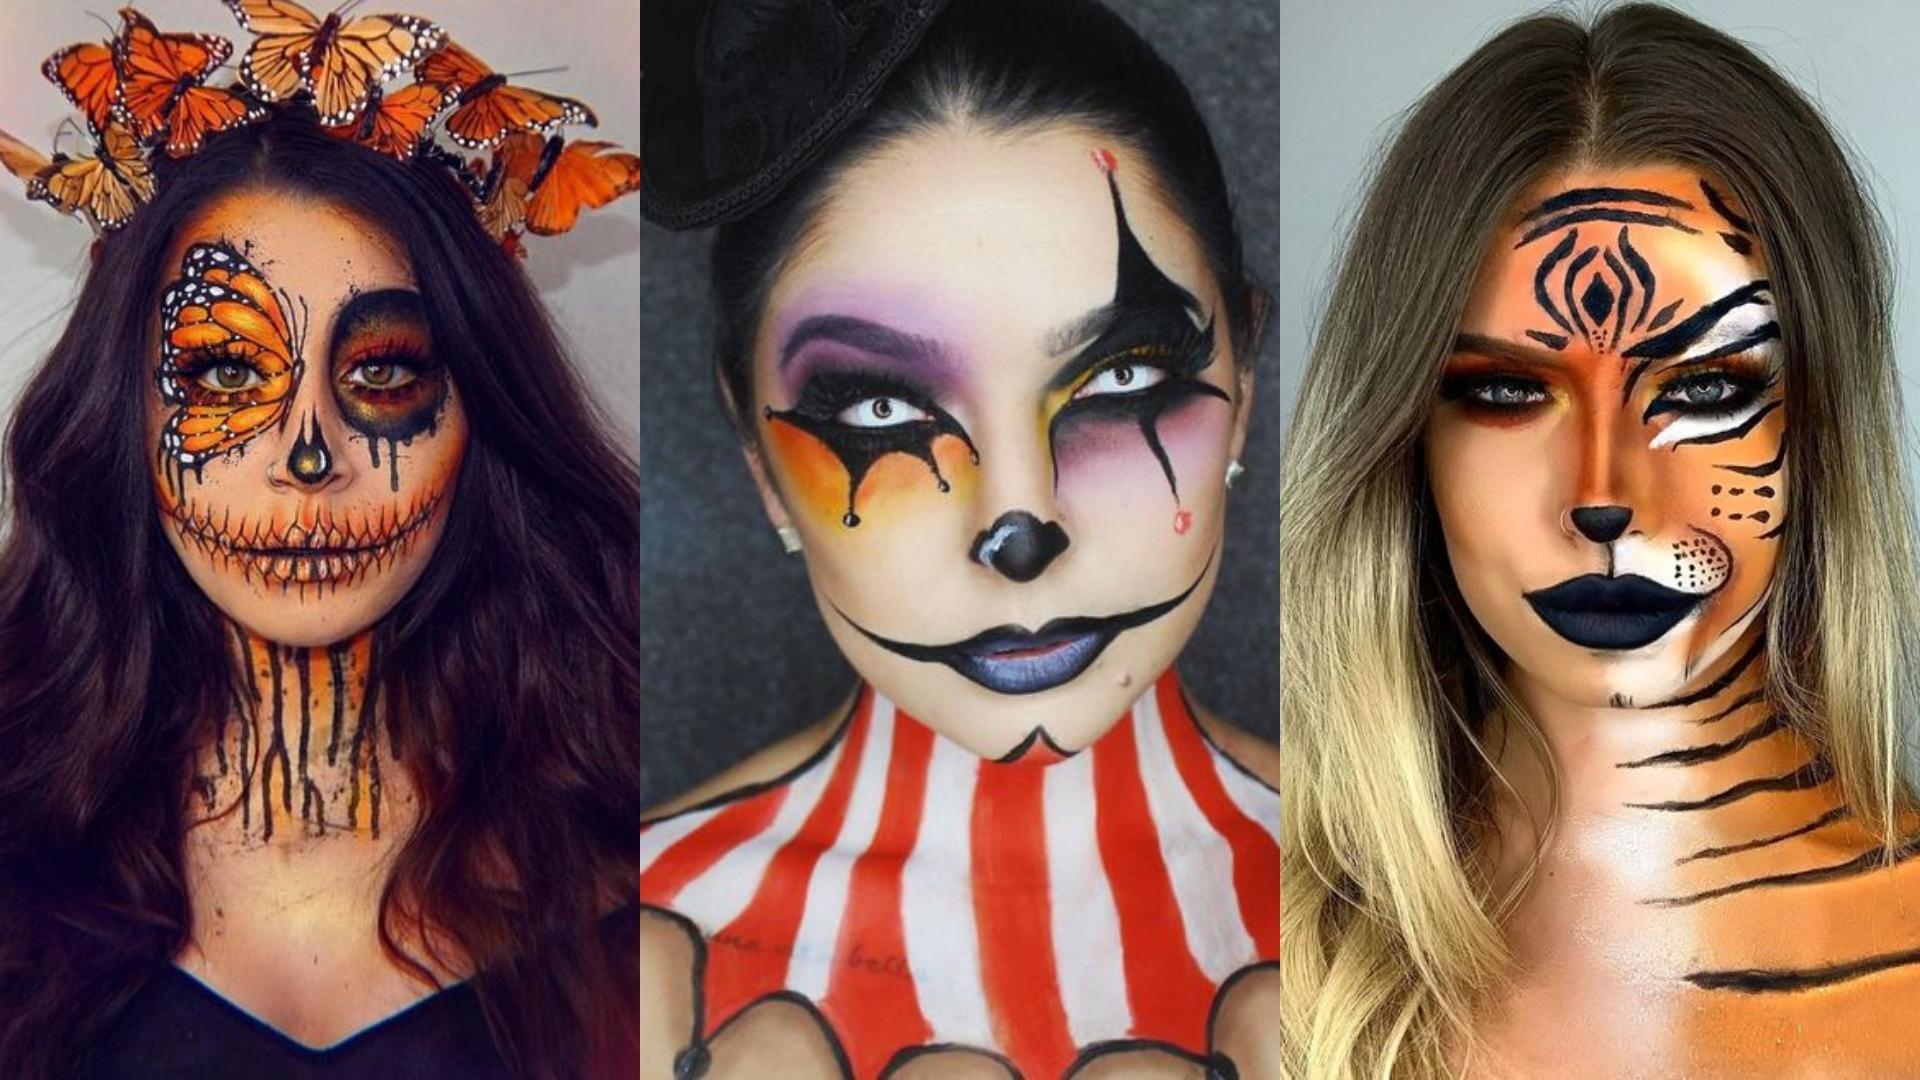 20 Halloween Makeup Ideas to Rock The Floor